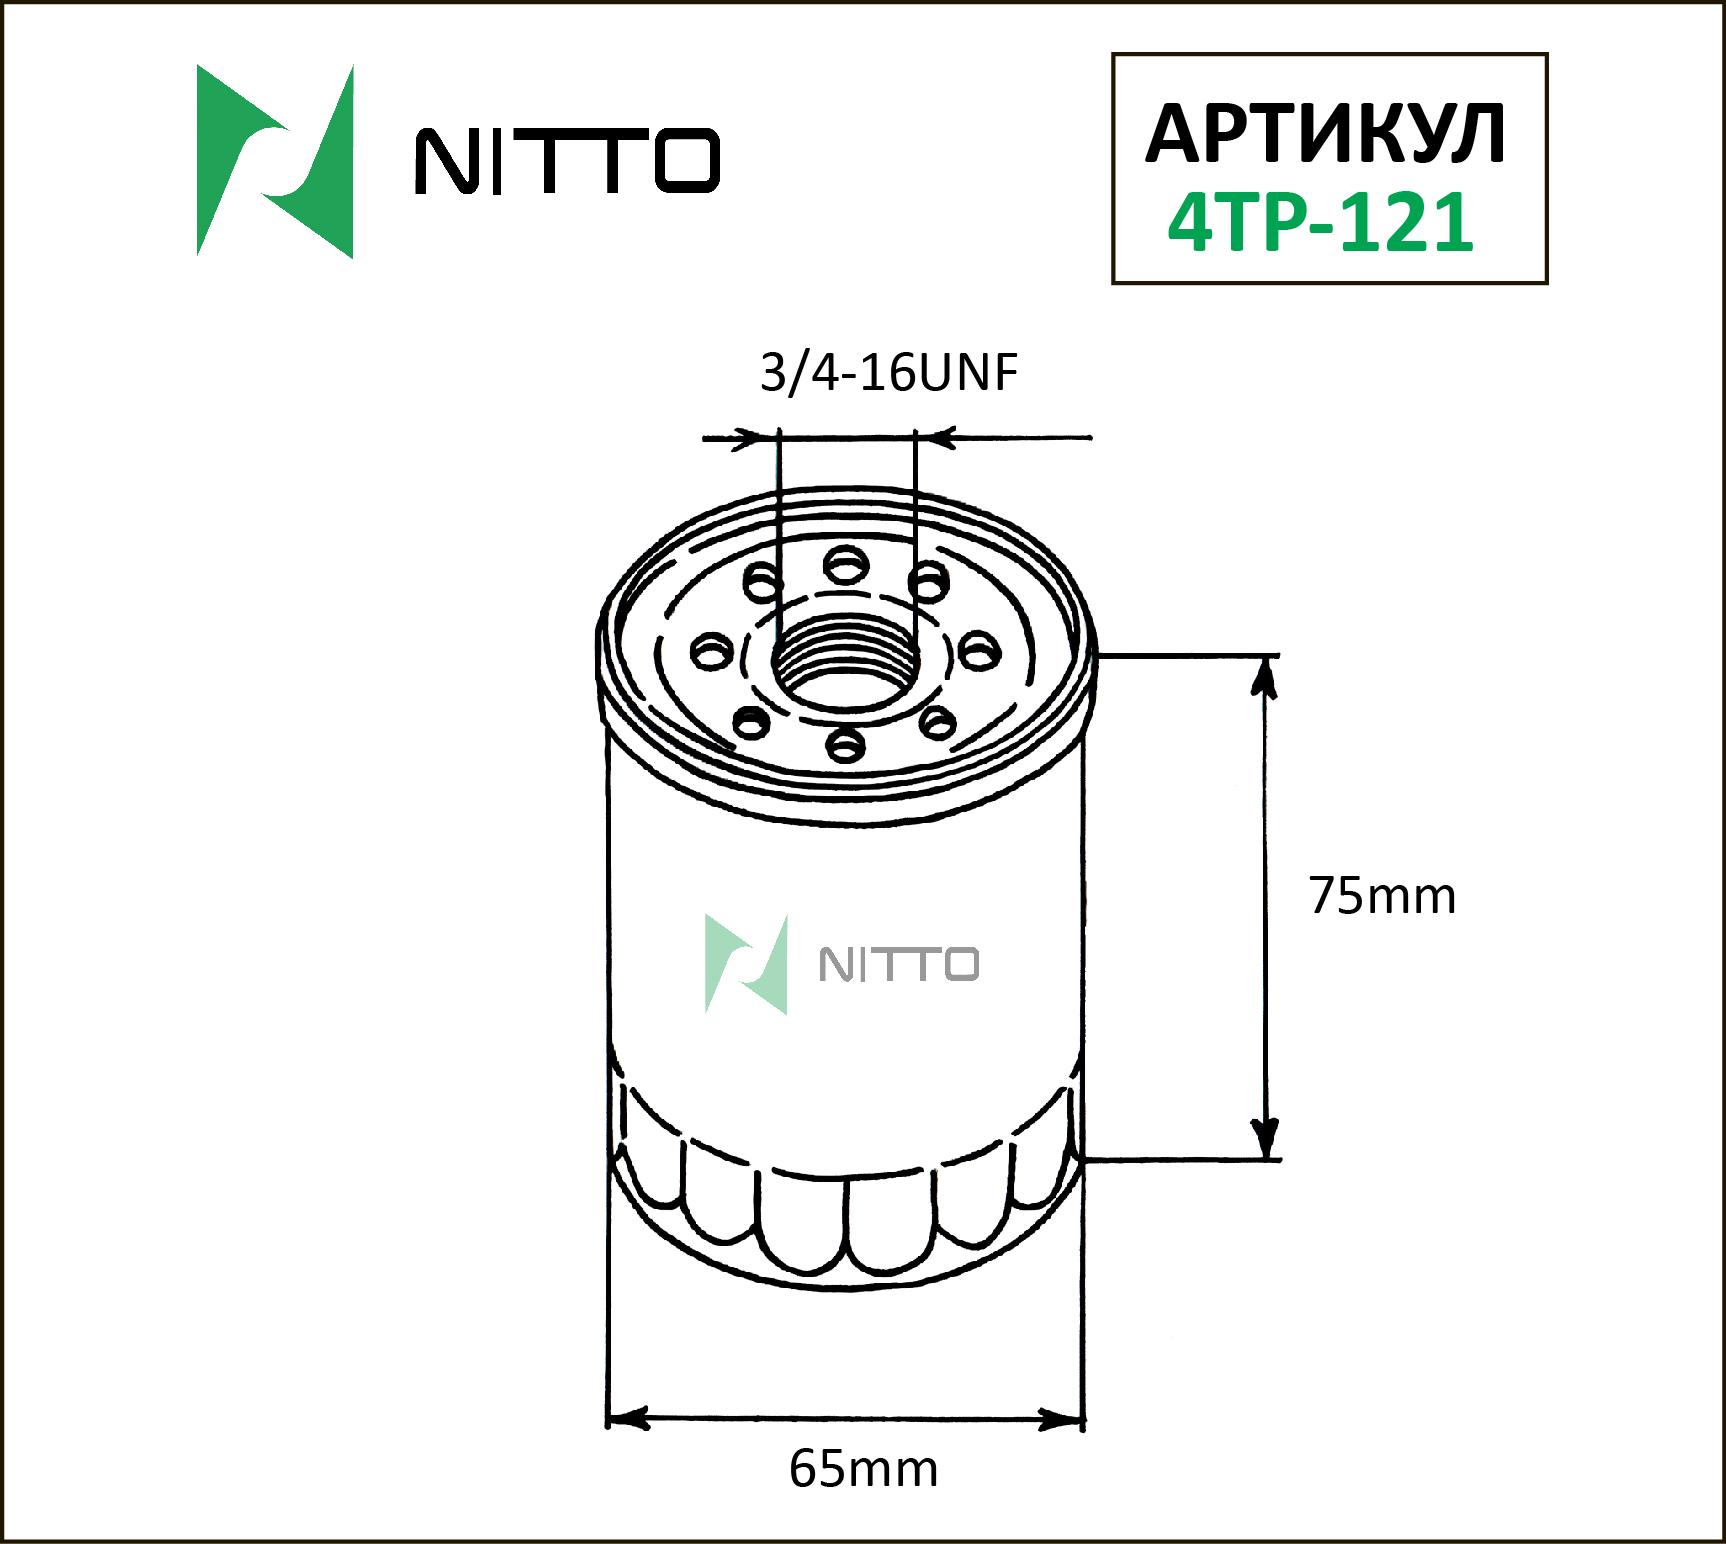 NITTO 4TP121 | Фильтр масляный Nitto | Купить в интернет-магазине Макс-Плюс: Автозапчасти в наличии и под заказ